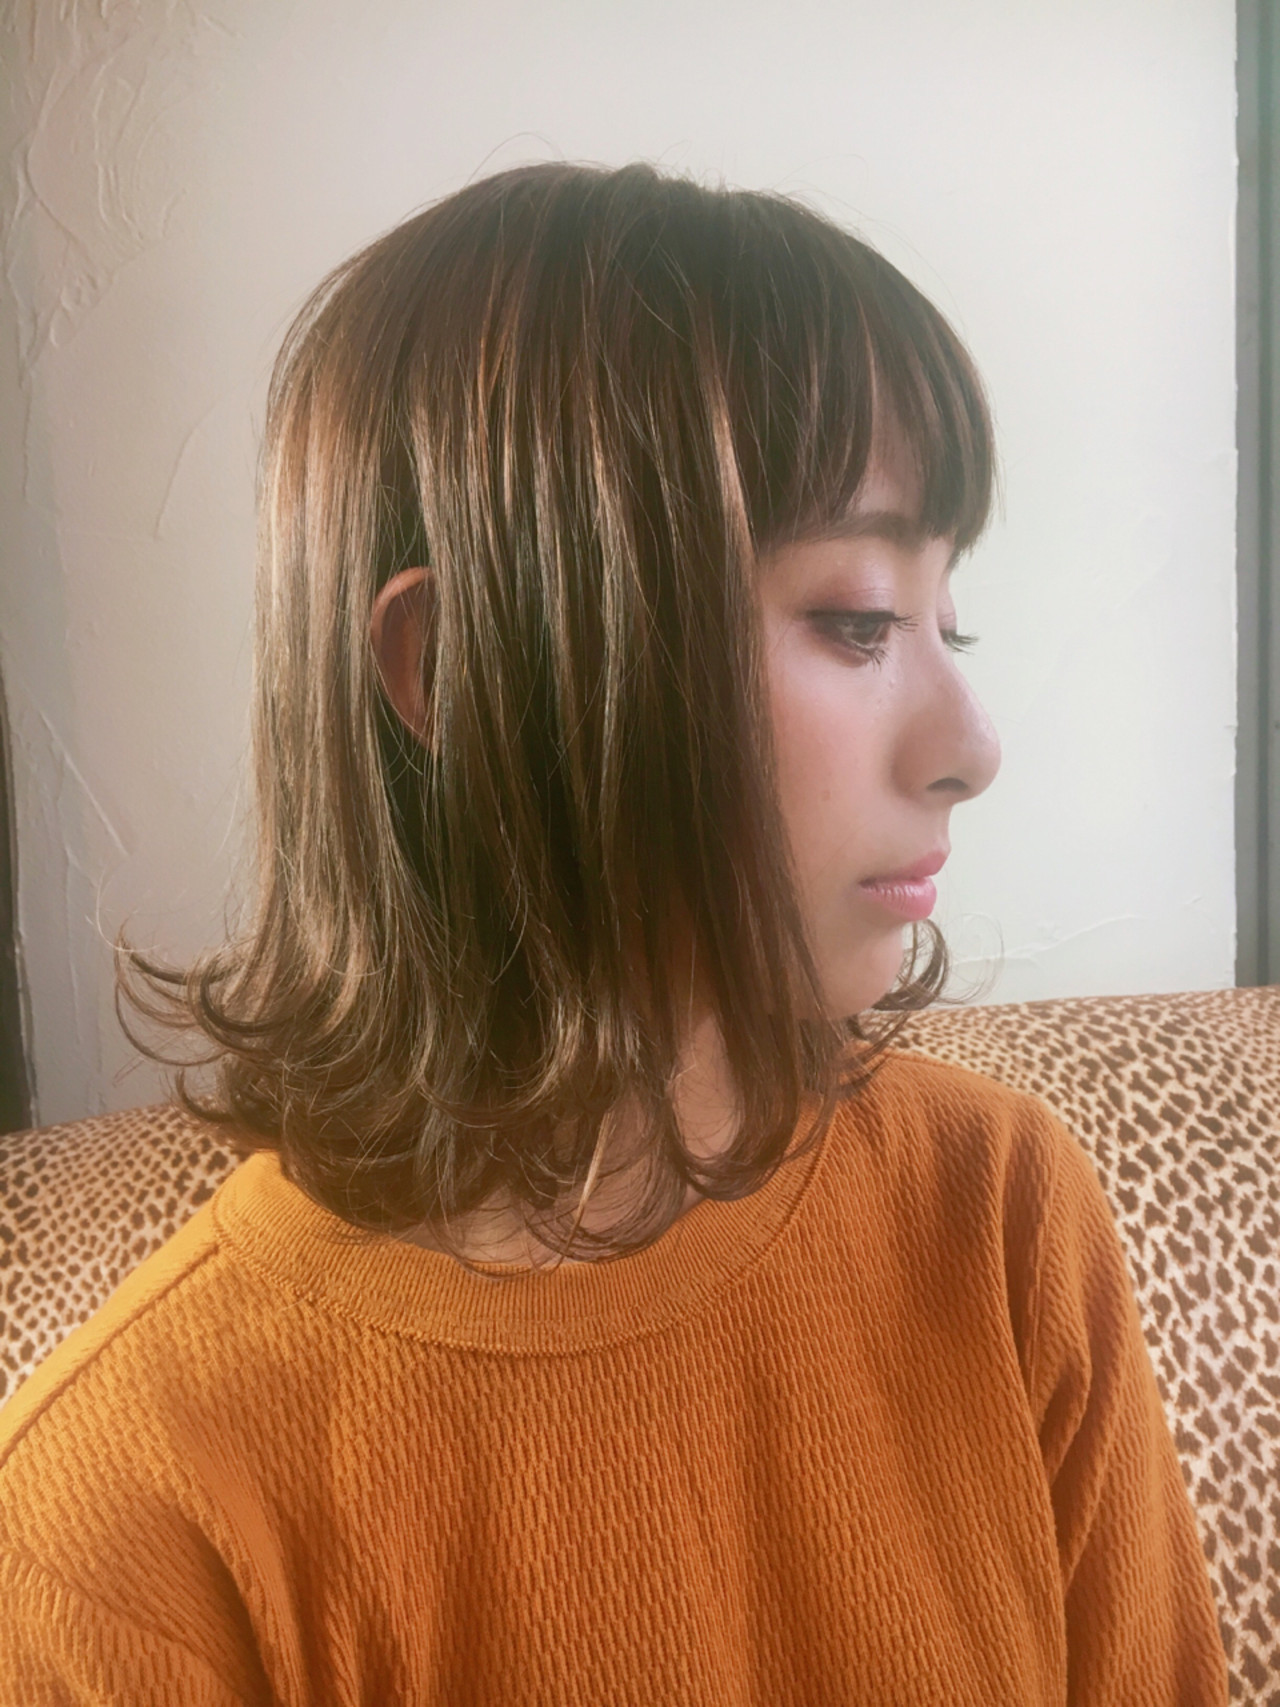 毛束感がガーリーでシックなカーキミディ♪ TAKUMI KAWAHORI